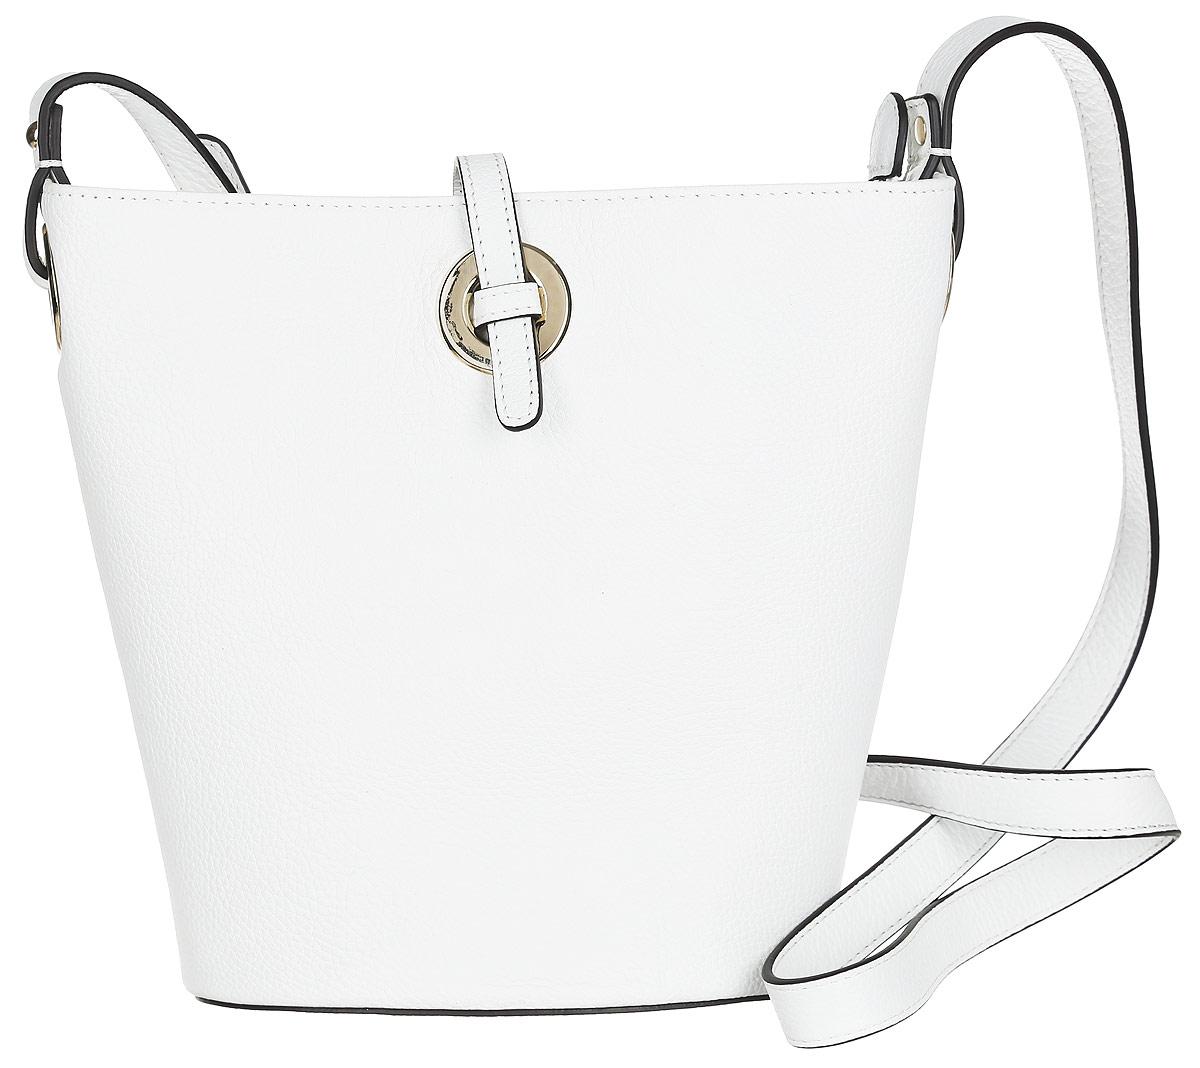 Сумка женская Palio, цвет: белый. 14379AR-065S76245Стильная сумка Palio, выполненная из натуральной кожи с зернистой фактурой, оформлена металлической фурнитурой.Изделие застегивается на застежку-молнию и дополнительно на хлястик. Внутри сумки расположены: накладной кармашек для мелочей и врезной карман на молнии. На задней стороне сумки расположен врезной карман на молнии. Изделие оснащено плечевым ремнем регулируемой длины. К сумке прилагается фирменный чехол для хранения.Элегантная сумка прекрасно дополнит ваш образ.